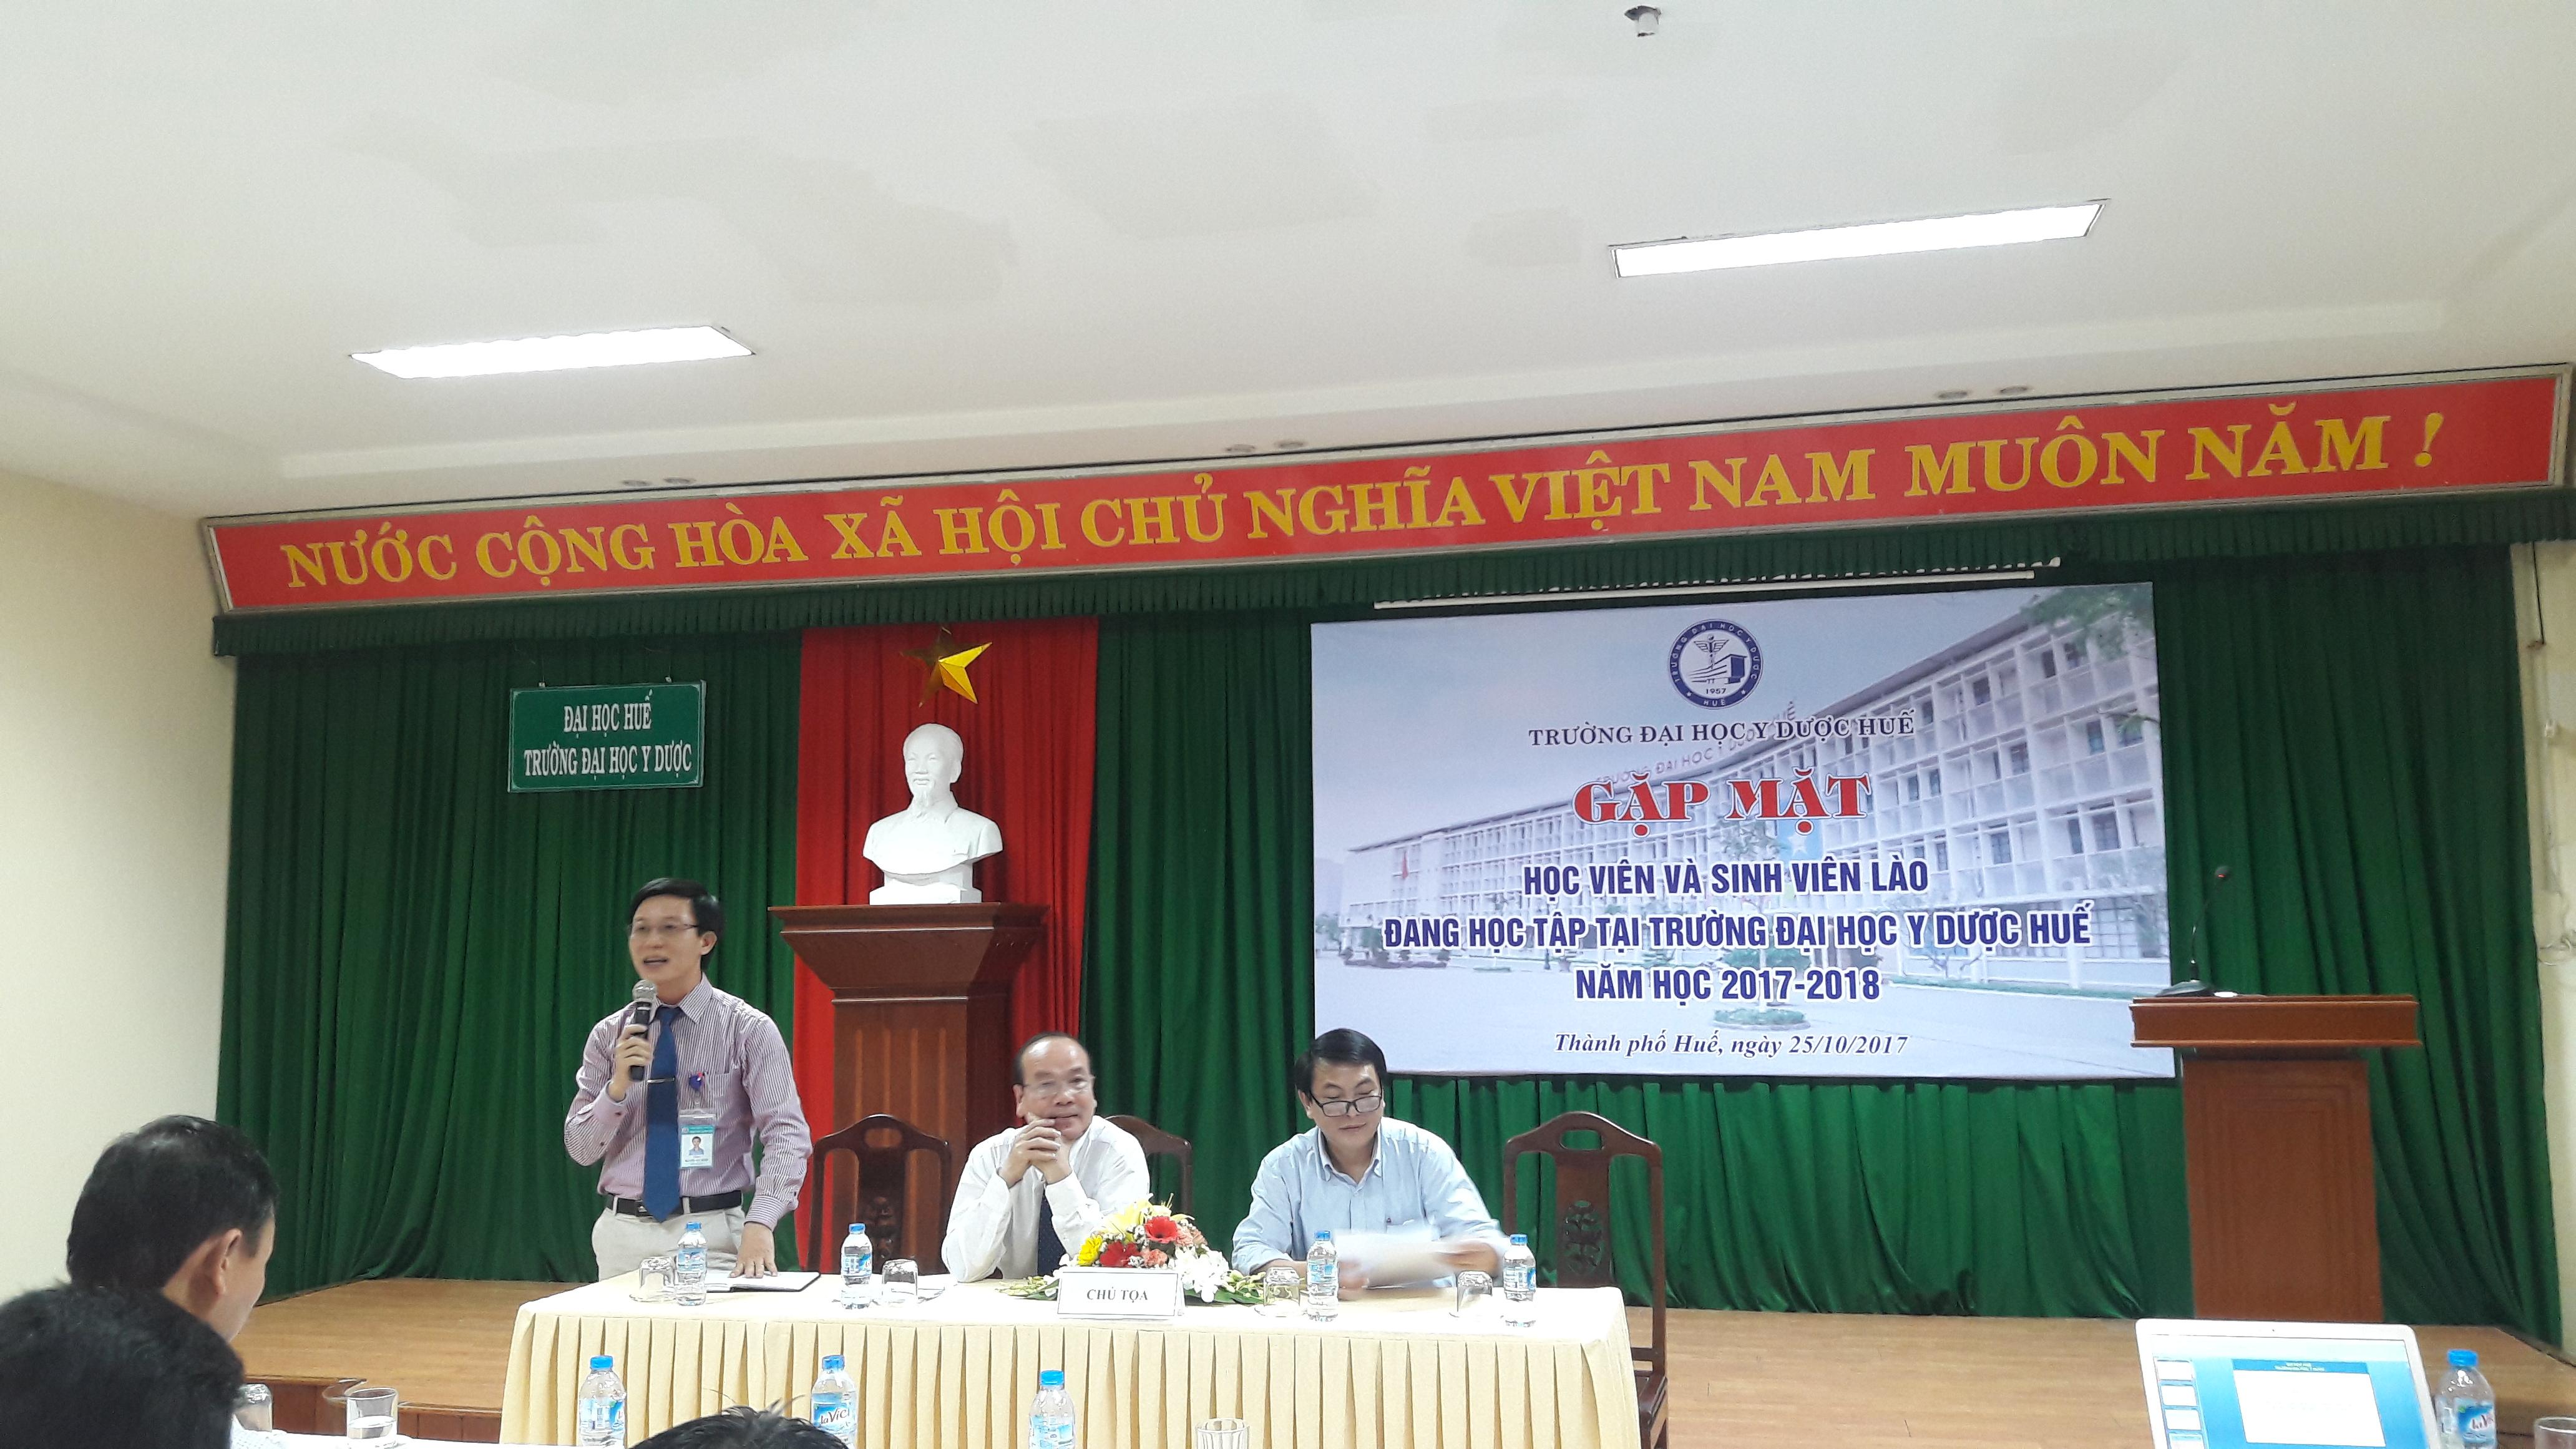 Gặp mặt các bạn lưu học viên và sinh viên Lào đang học tập tại Trường Đại học Y Dược Huế